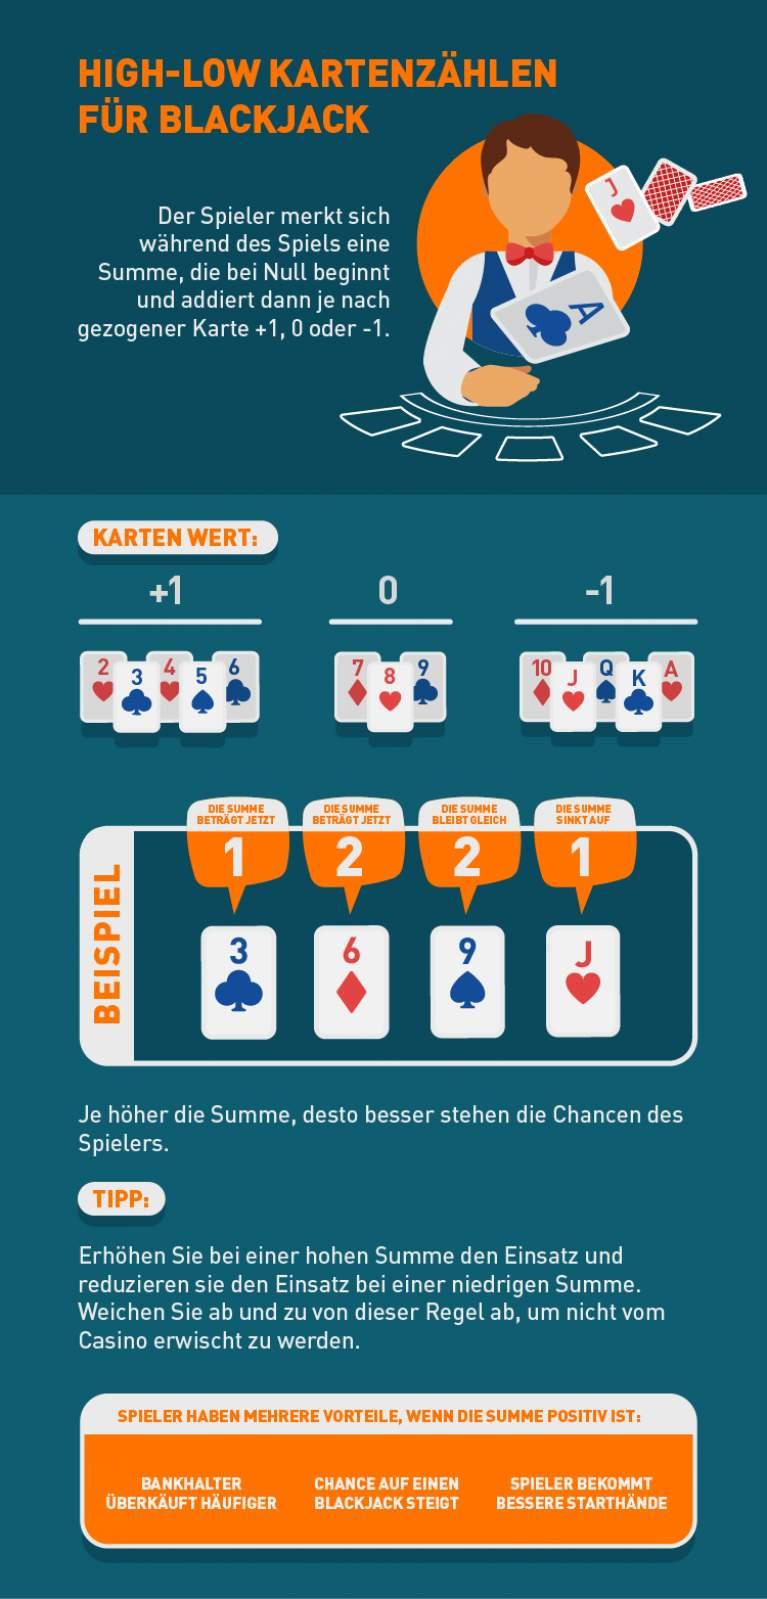 High Low Kartenzählen beim Blackjack erklärt